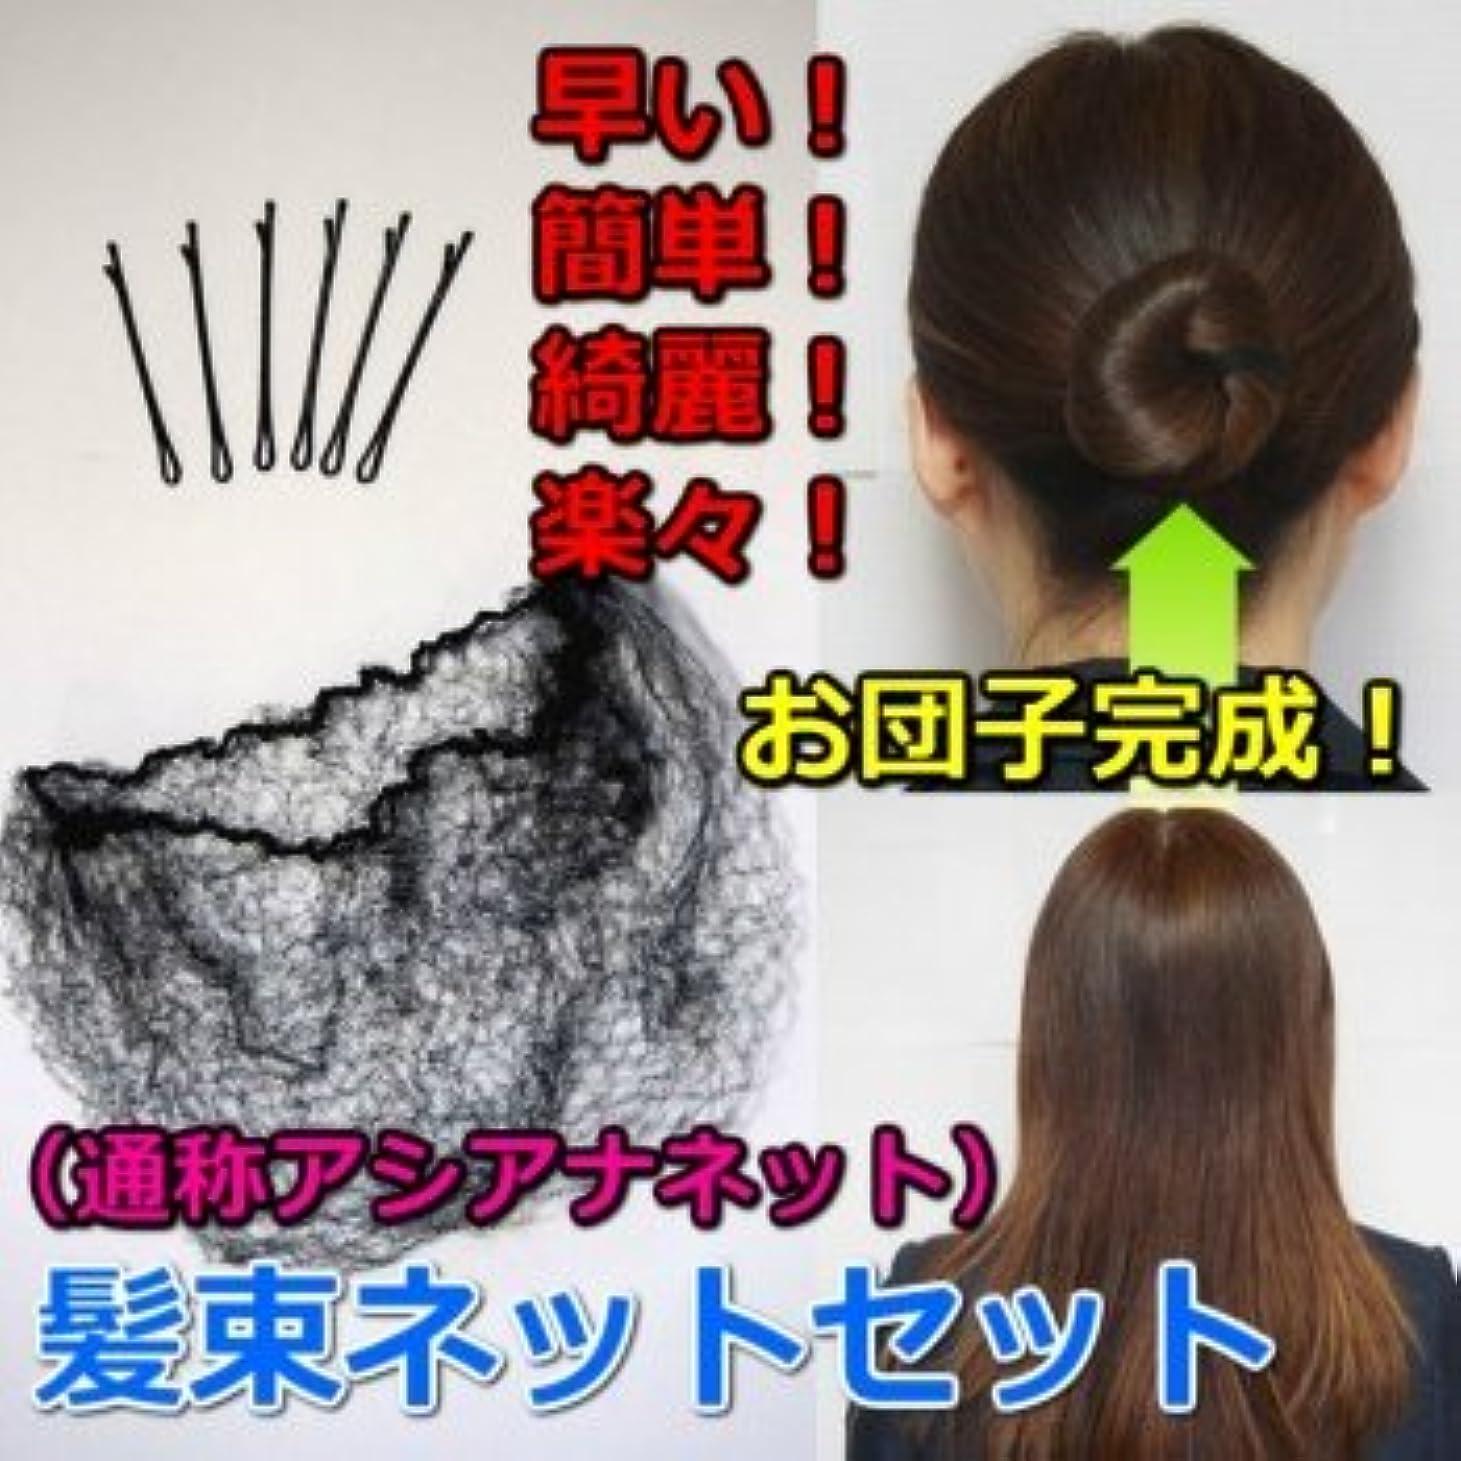 異常なスポーツの試合を担当している人円周髪束ねネットセット(アシアナネット) 50枚セット